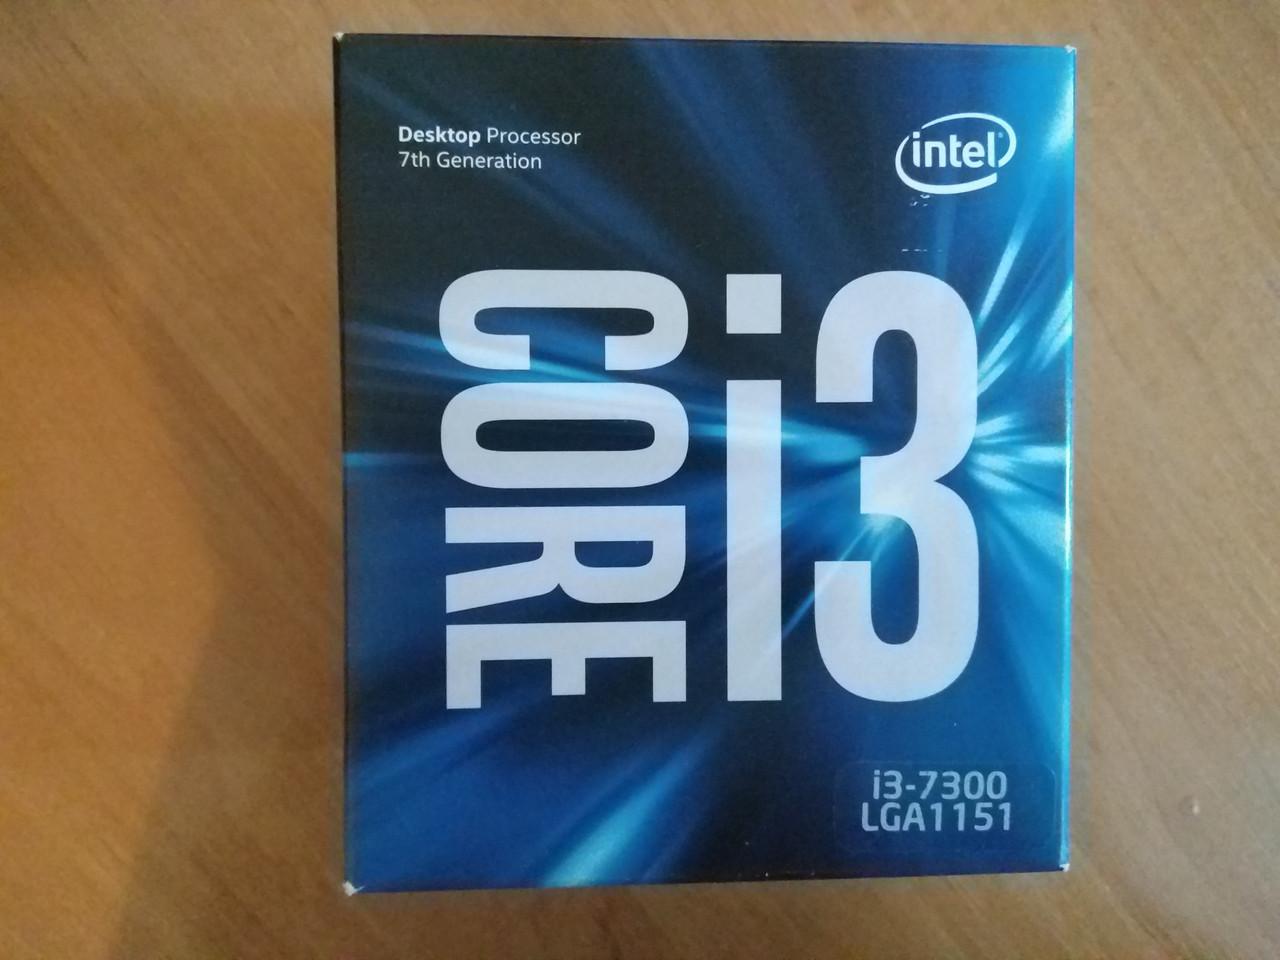 Процессор Intel Core i3-7300 (BX80677I37300)